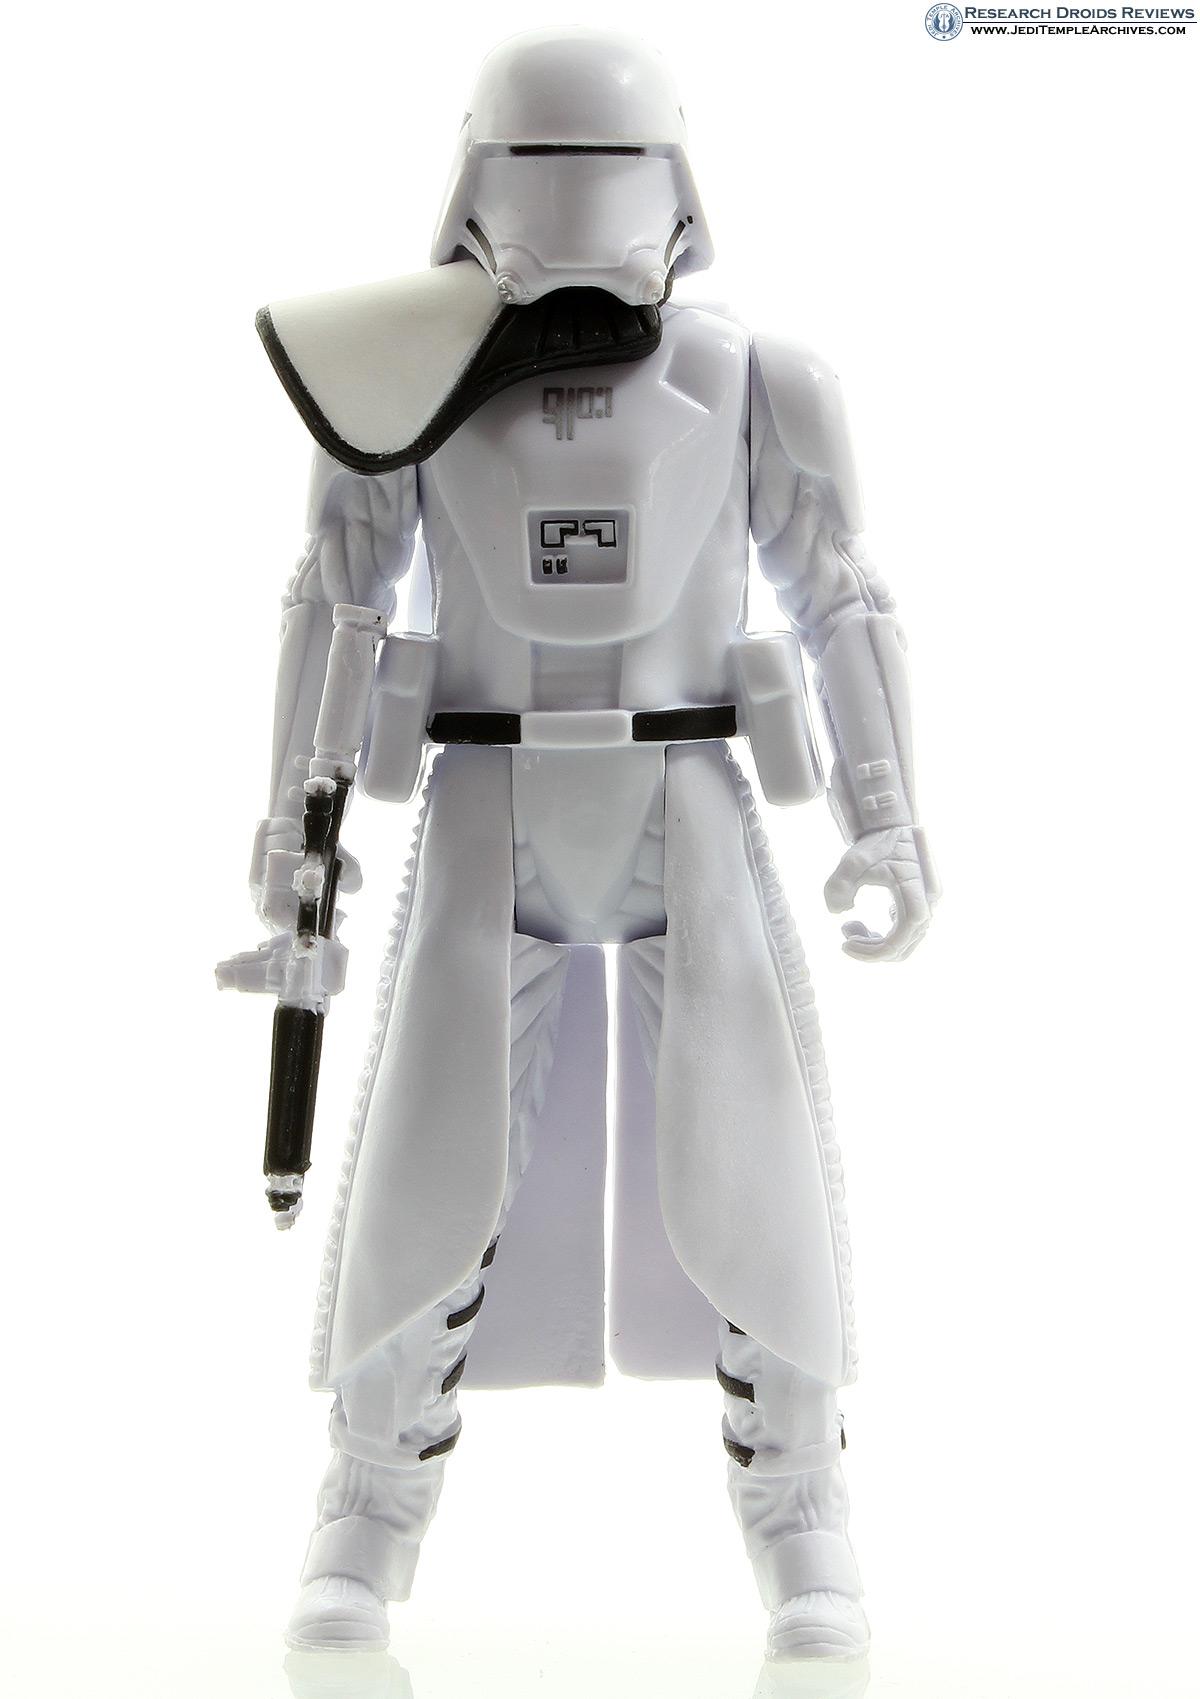 First Order Snowtrooper | First Order Snowtrooper vs. Poe Dameron